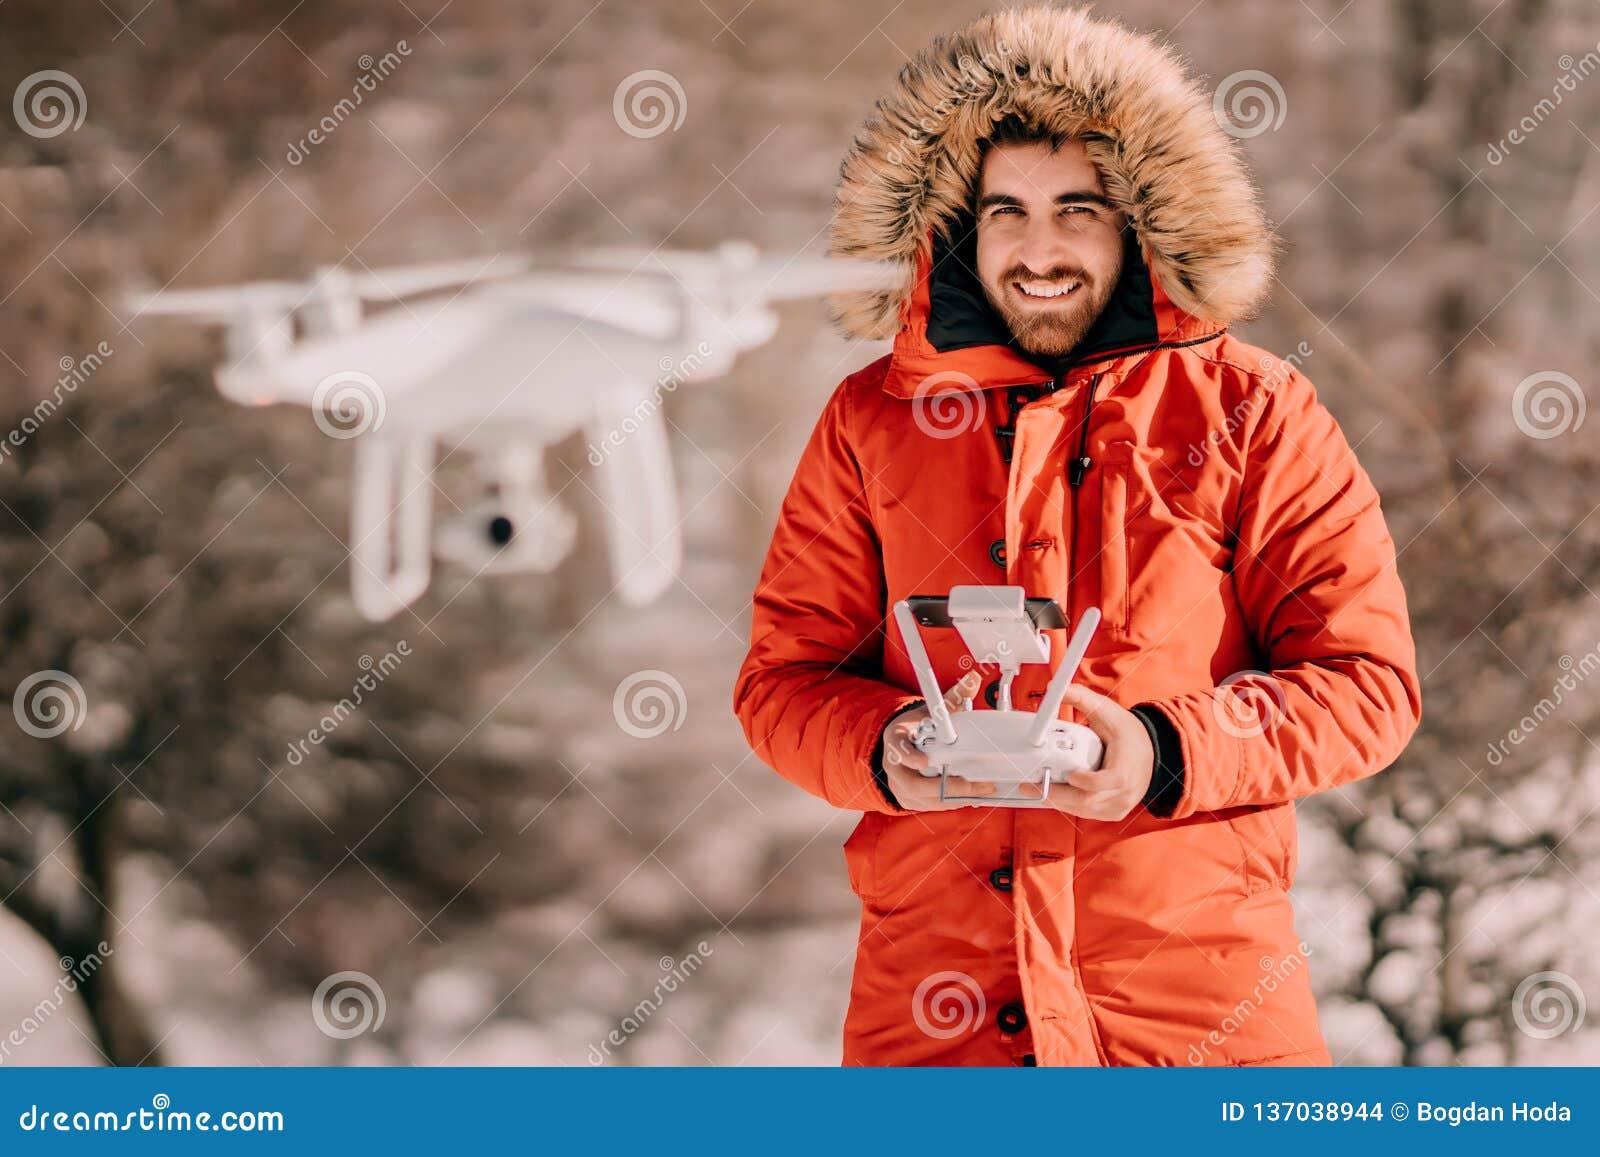 Χειμερινό πορτρέτο του ατόμου που φορά το θερμό πετώντας κηφήνα σακακιών, οδηγώντας το άσπρο quadcopter